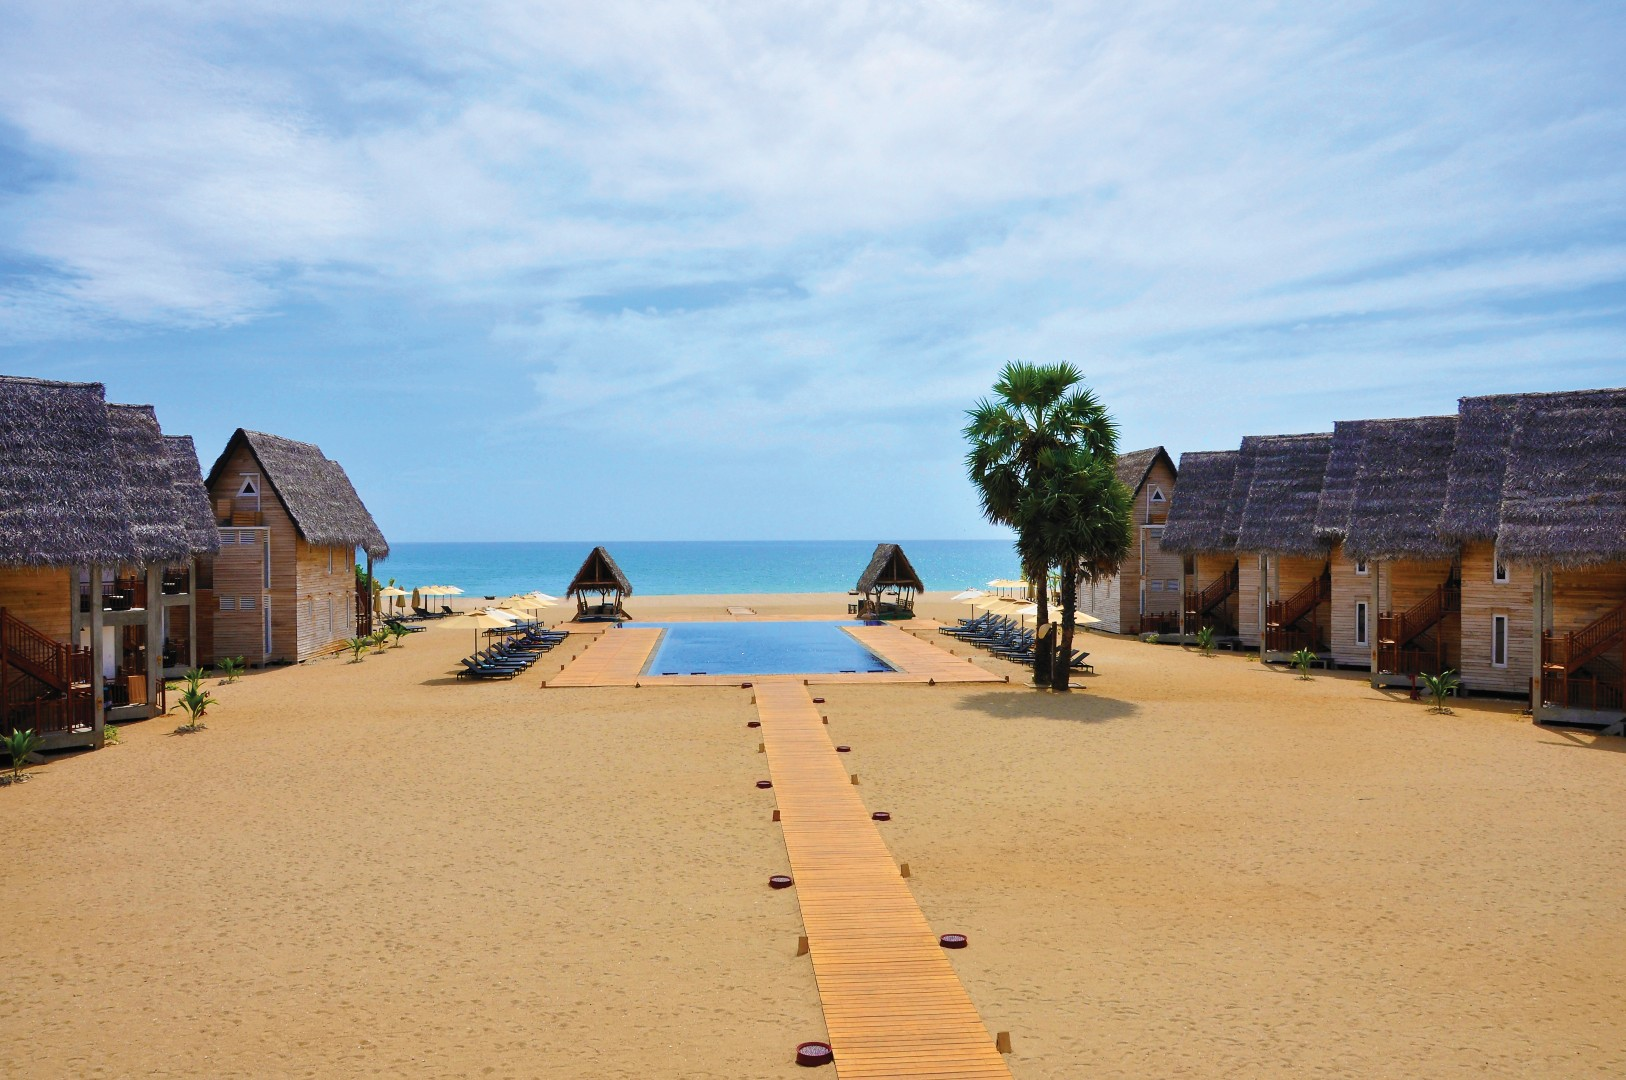 Hotel Maalu Maalu Resort 4* località Trincomalee